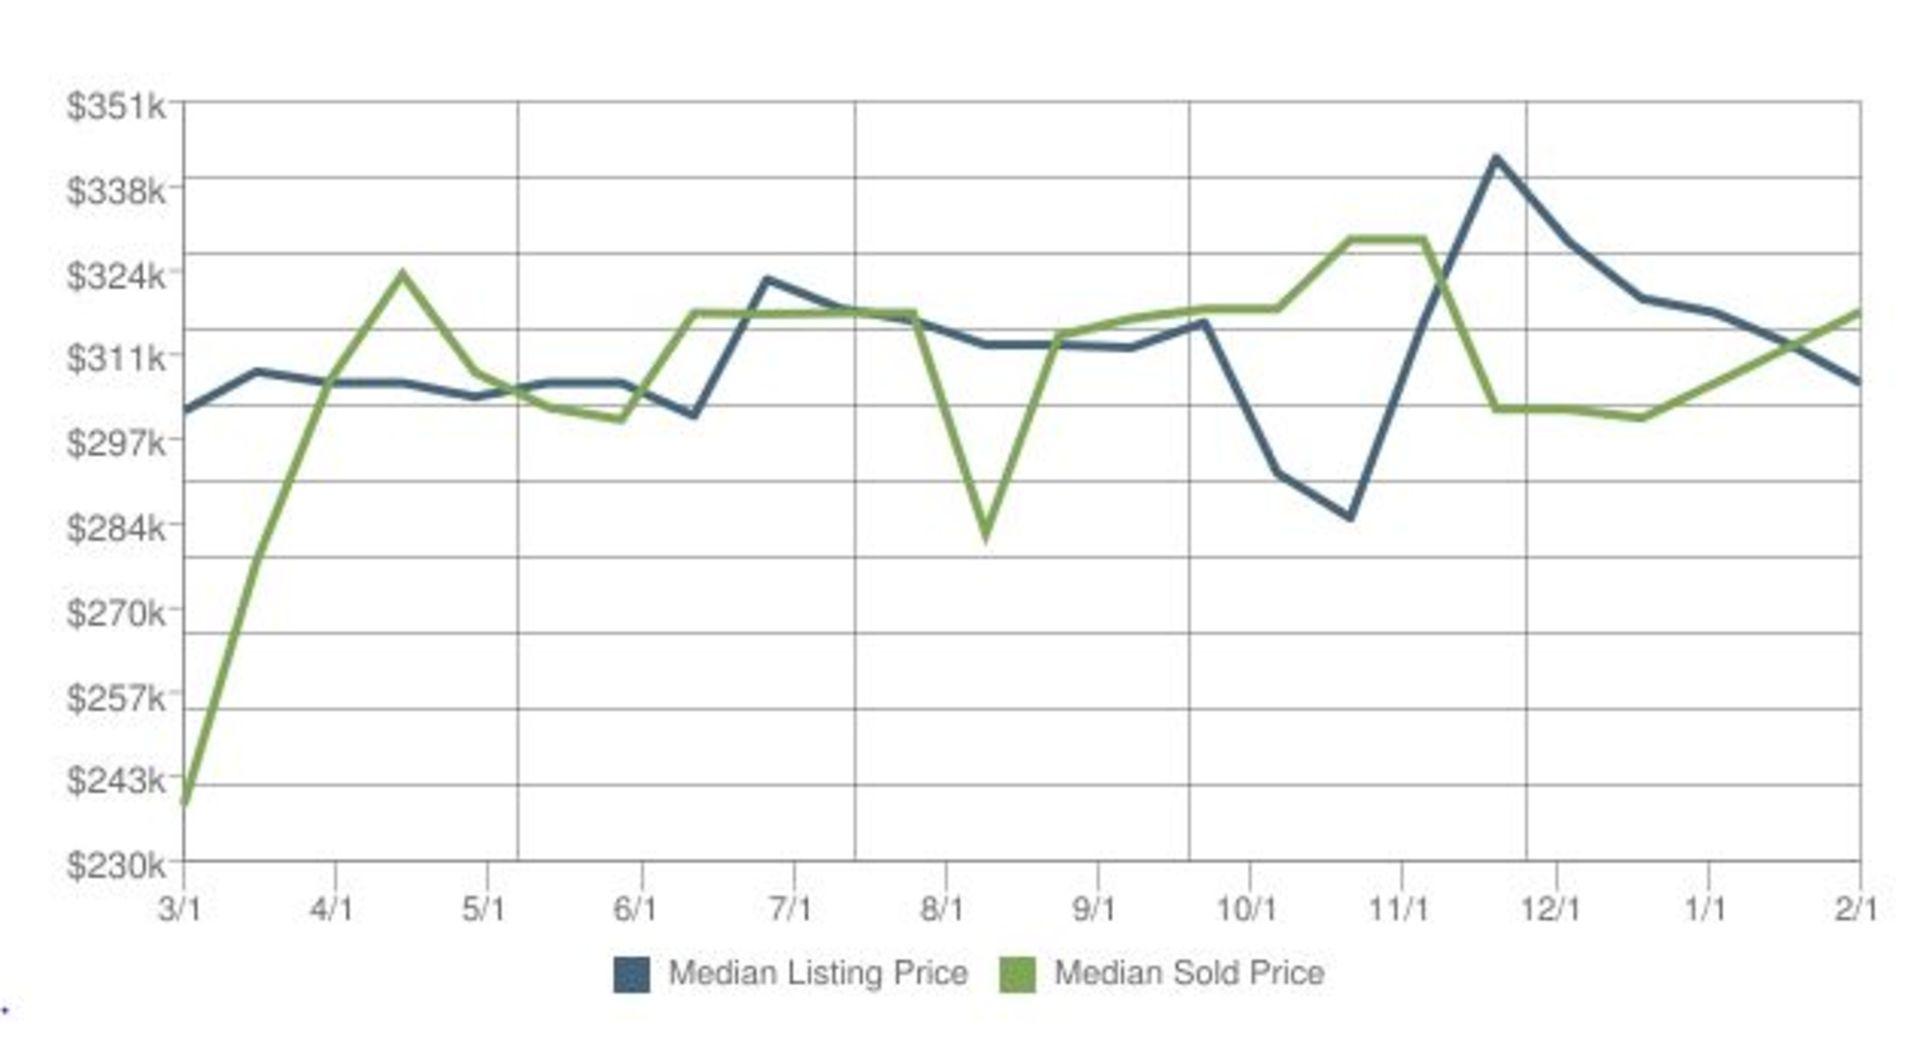 Home Prices in Kodiak Alaska for February 2016